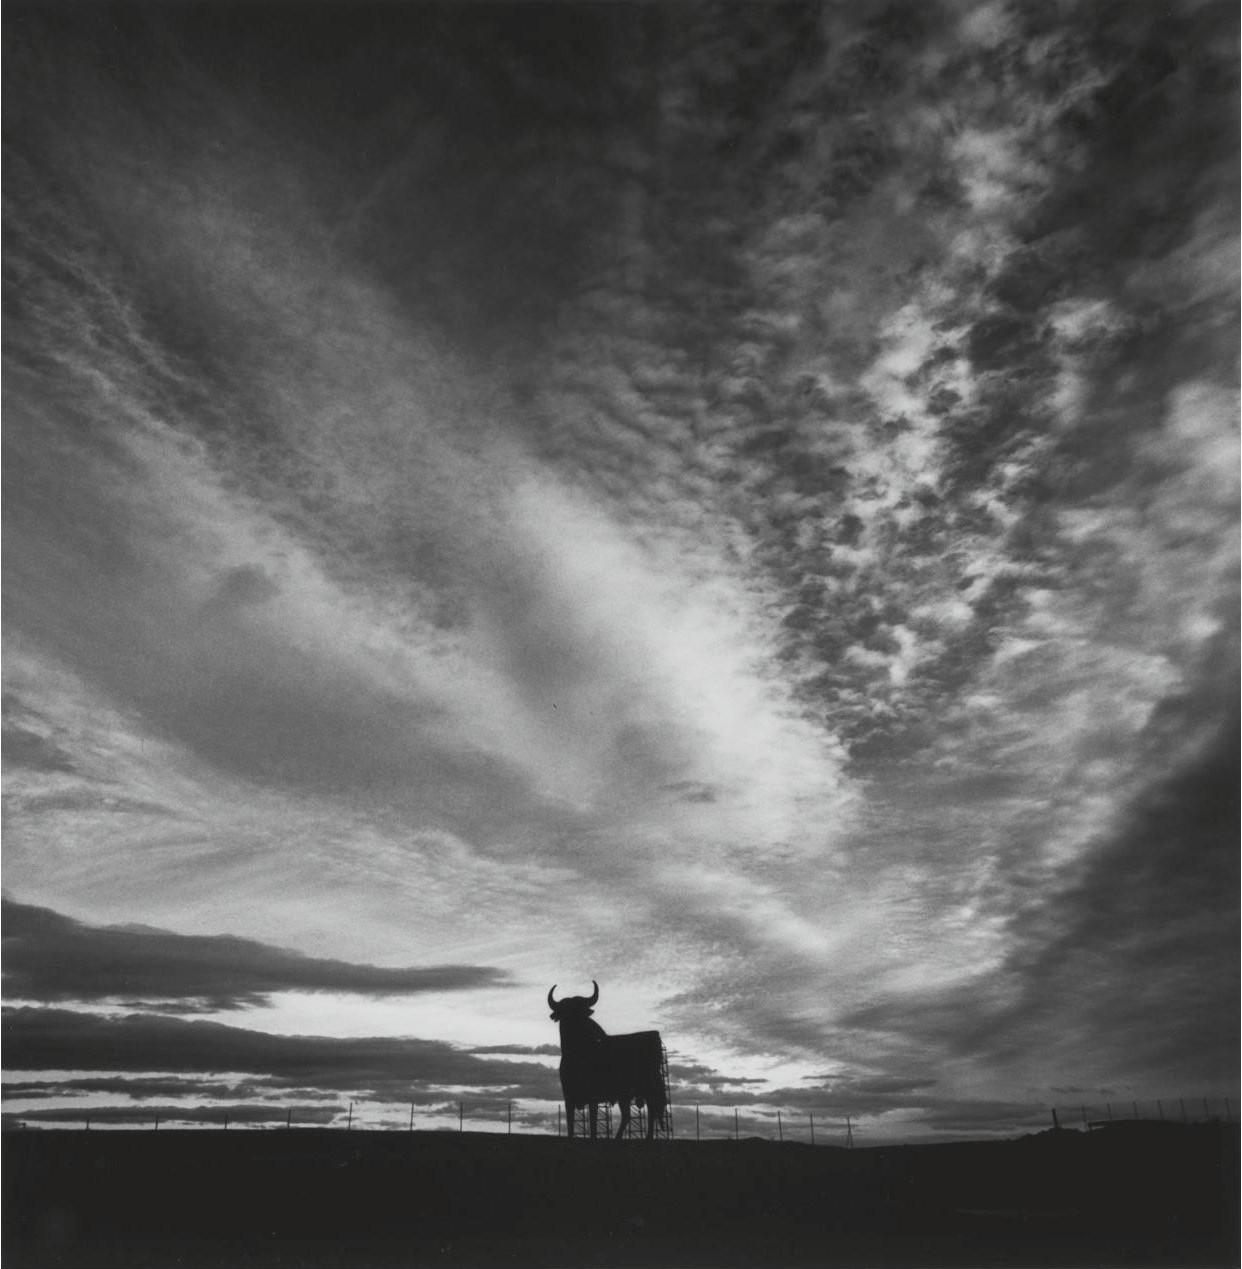 El Toro, Madridejos, La Mancha, Spain, 1996